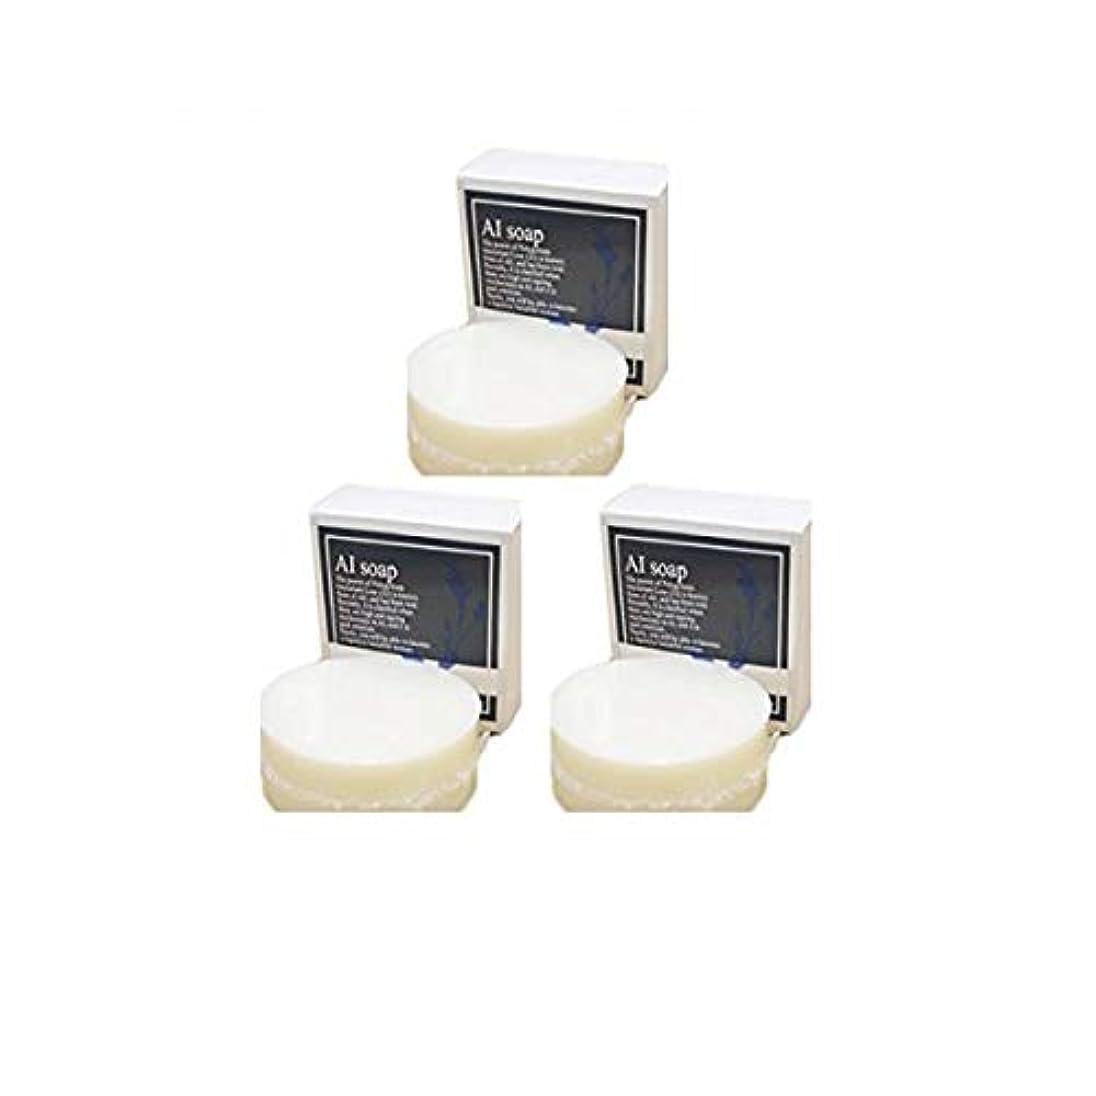 彼らのもの出しますパスAI soap 藍石鹸 3個セット(100g×3個)藍エキス配合の無添加石鹸